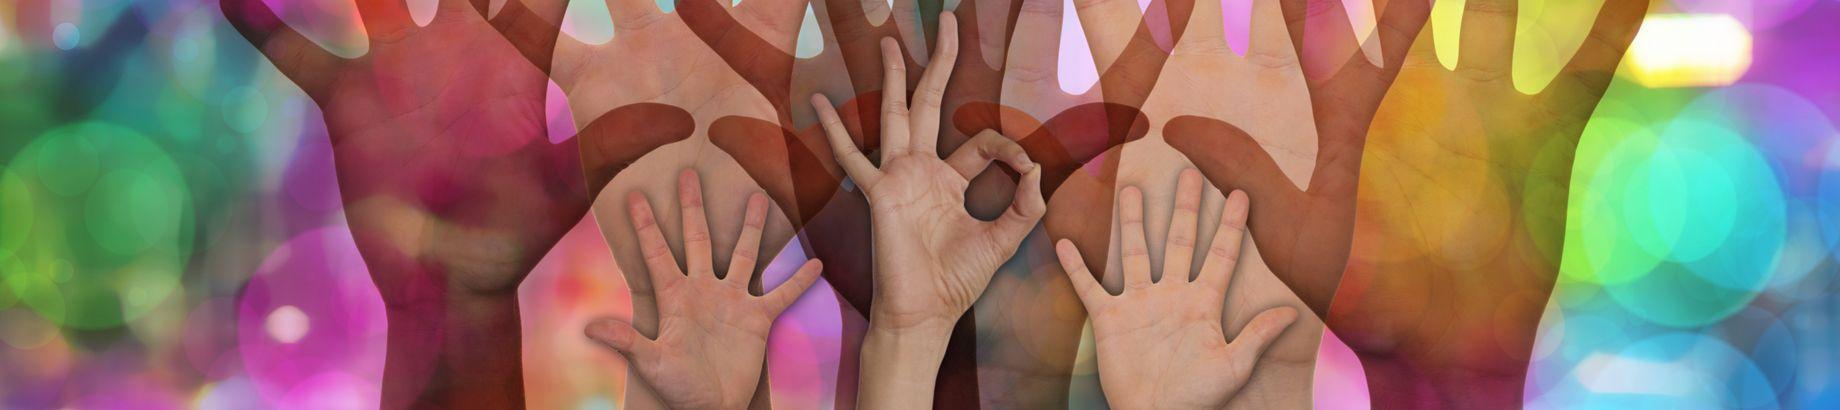 Freiwillige Hände